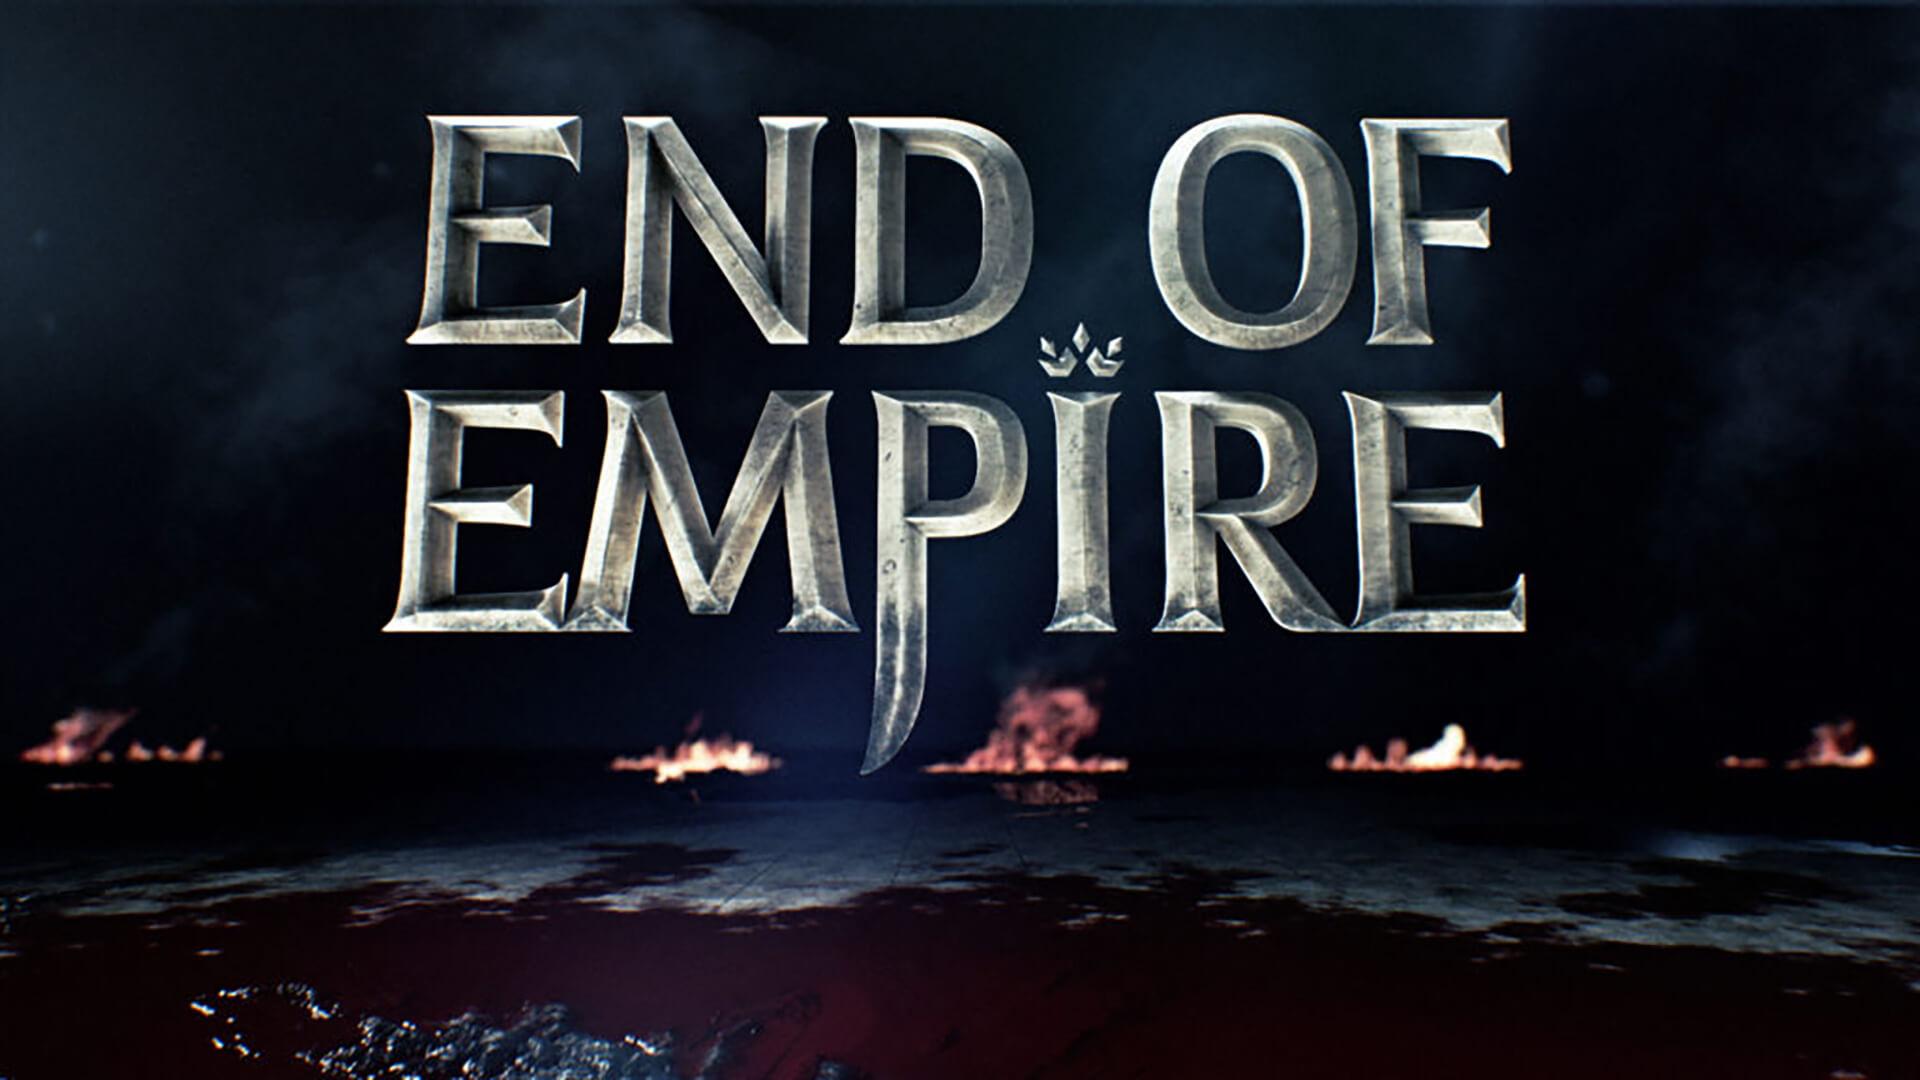 سقوط امپراتوری (مستند)